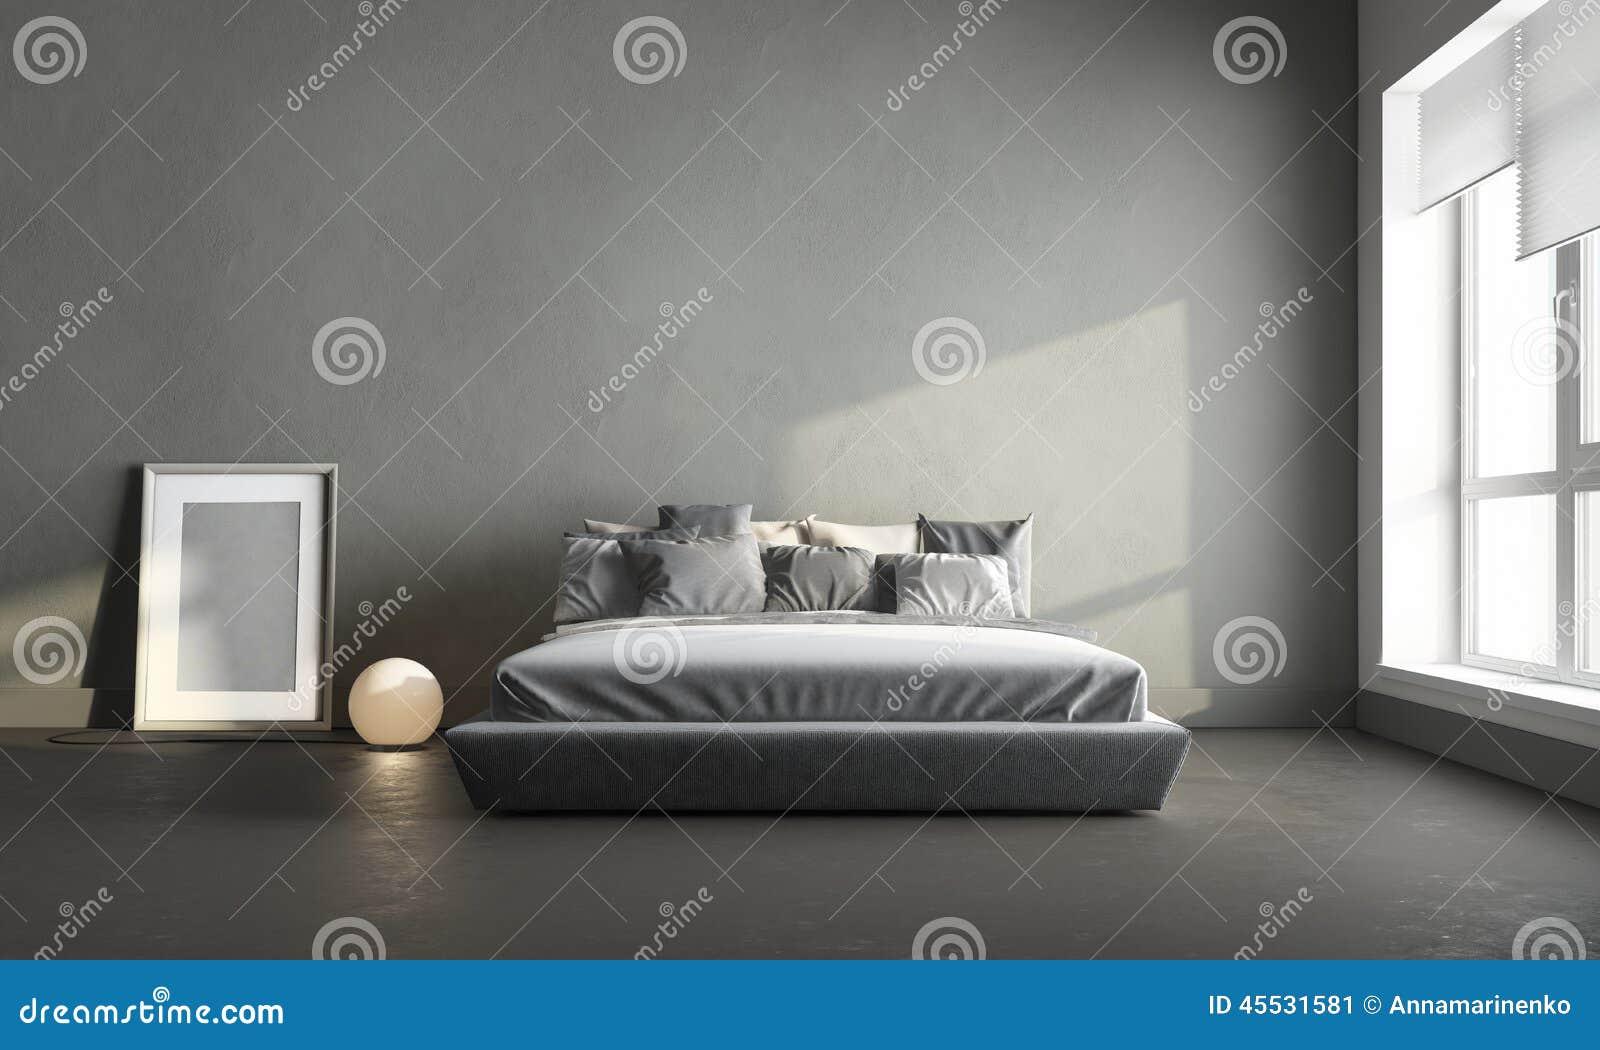 Grijze slaapkamer stock afbeelding afbeelding bestaande uit meubilair 45531581 - Grijze slaapkamer ...